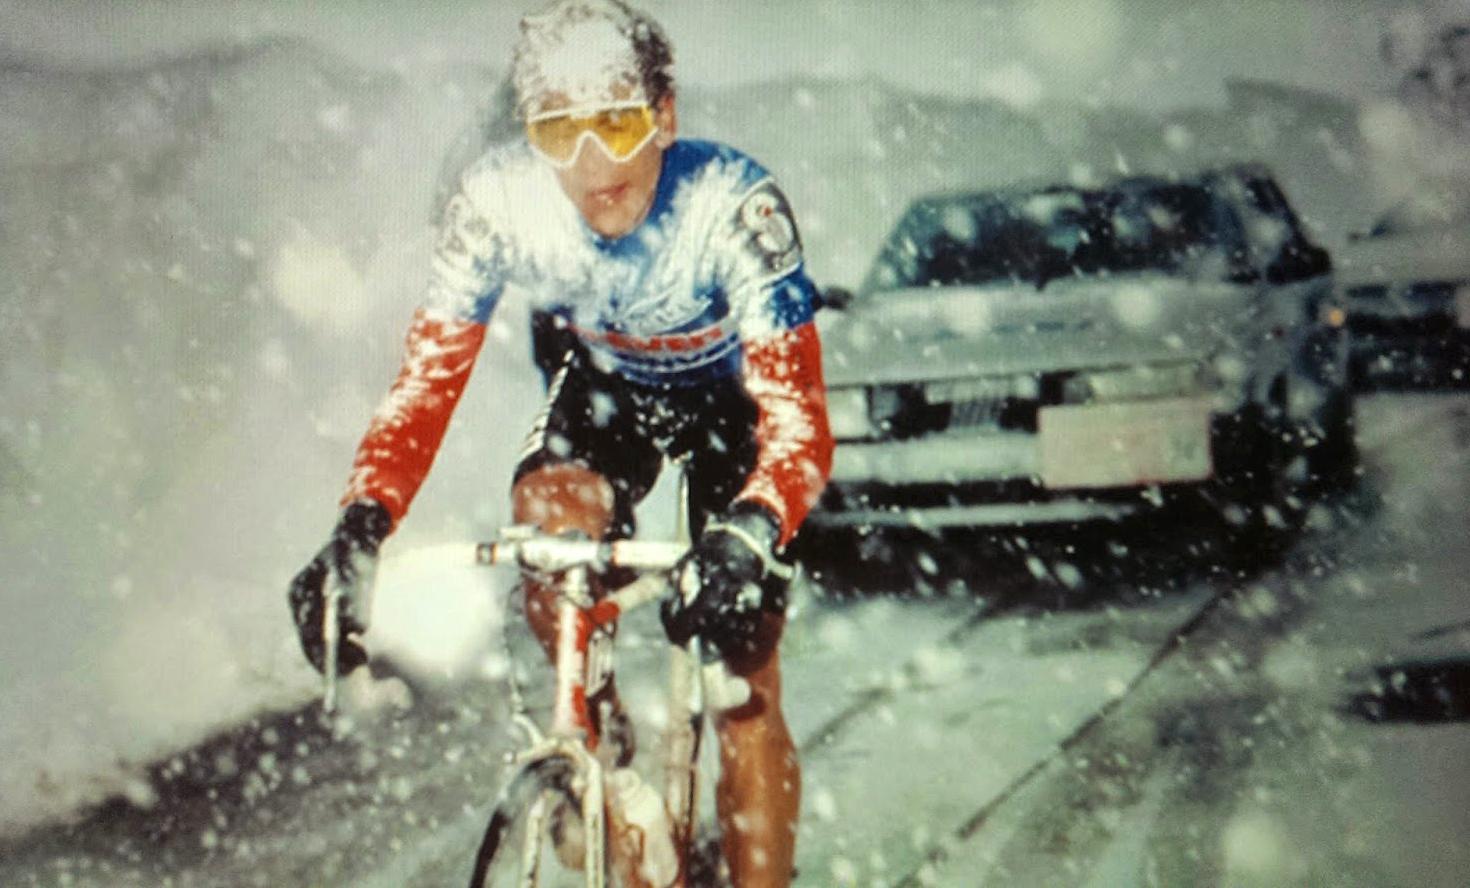 5 de Junio de 1988. El infierno congelado 1zyvk43